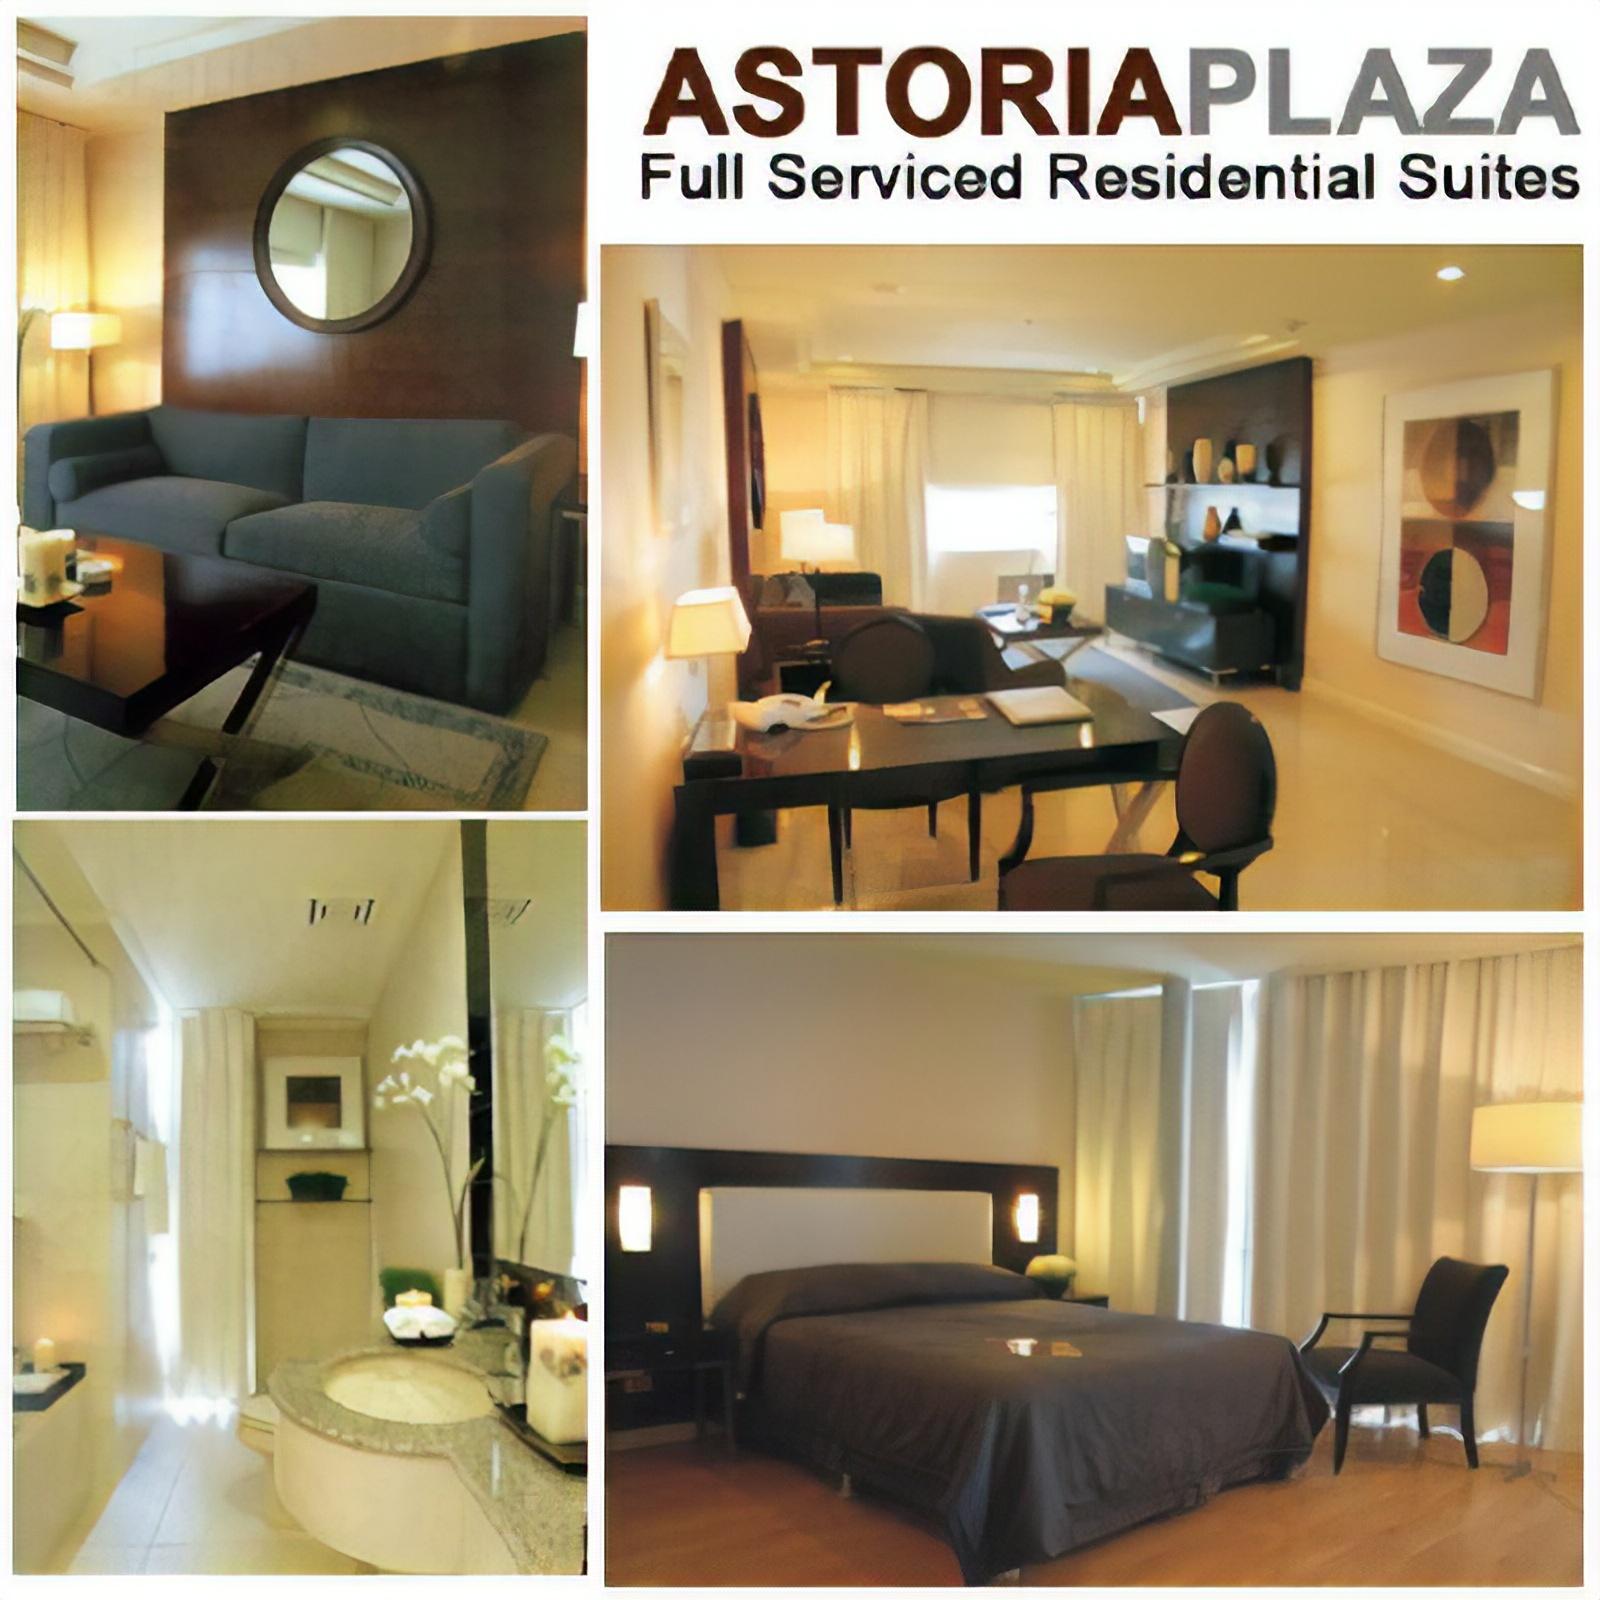 Filgifts.com: Astoria Plaza Residential Suites Overnight